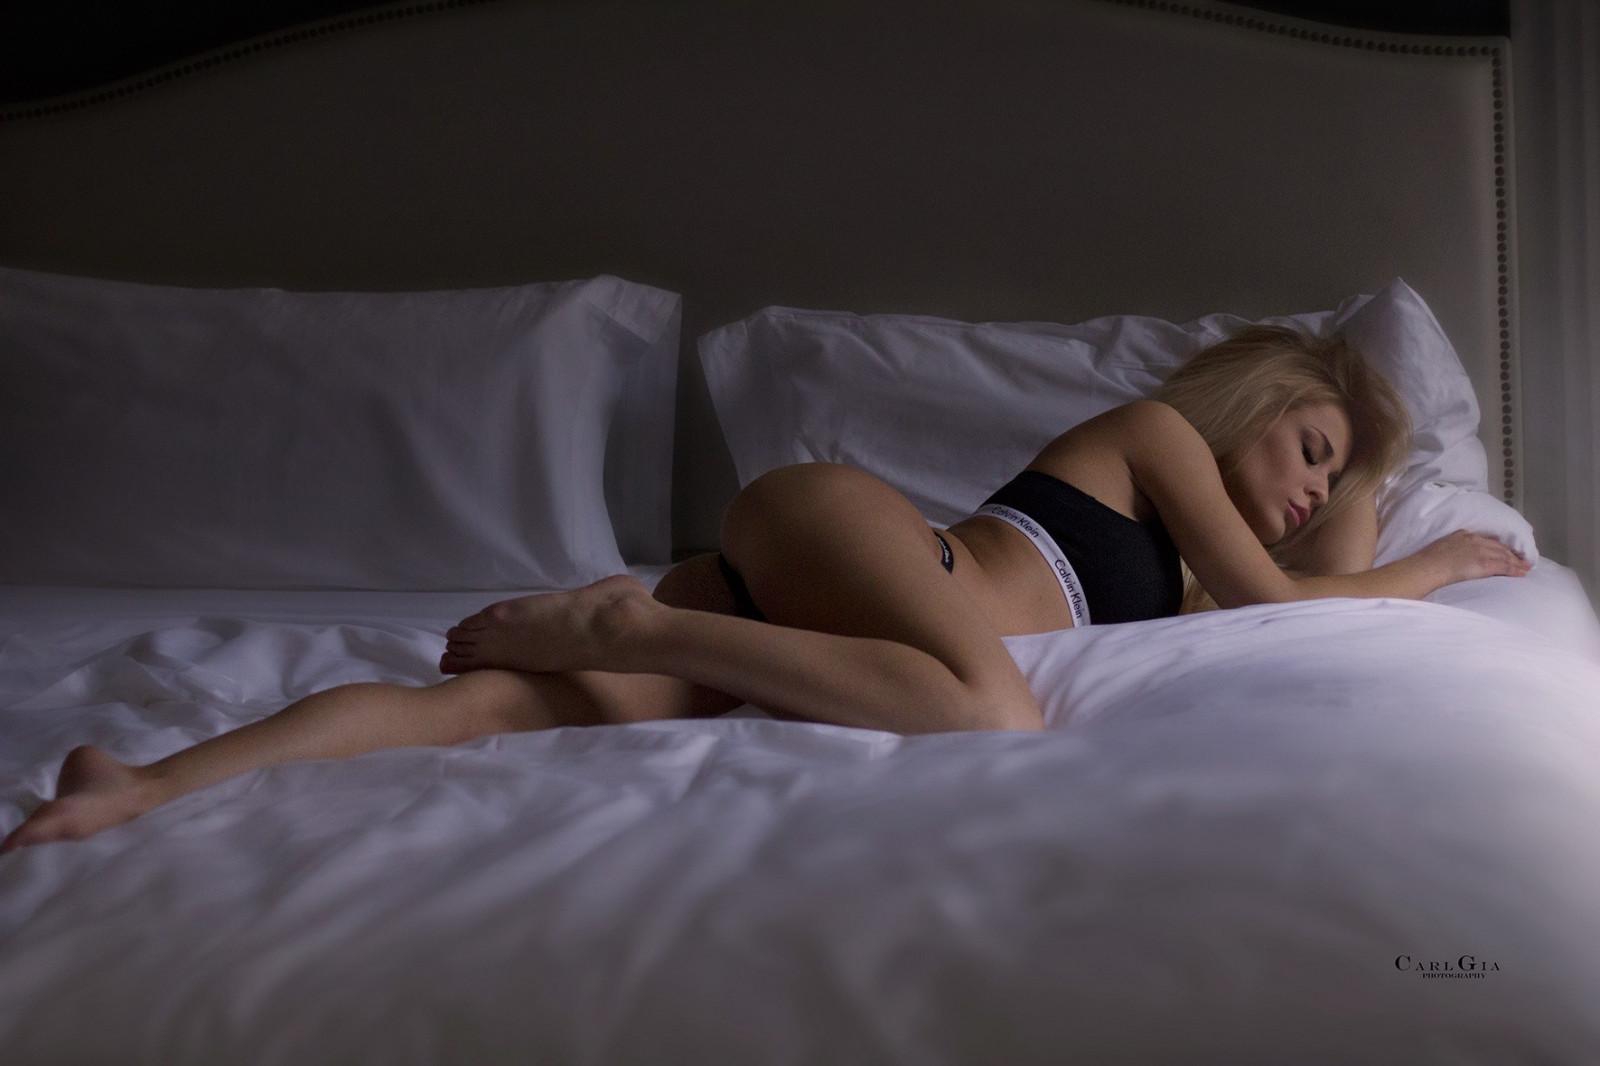 спешащий голую загорающую стройную молодую спящую девушку быстро